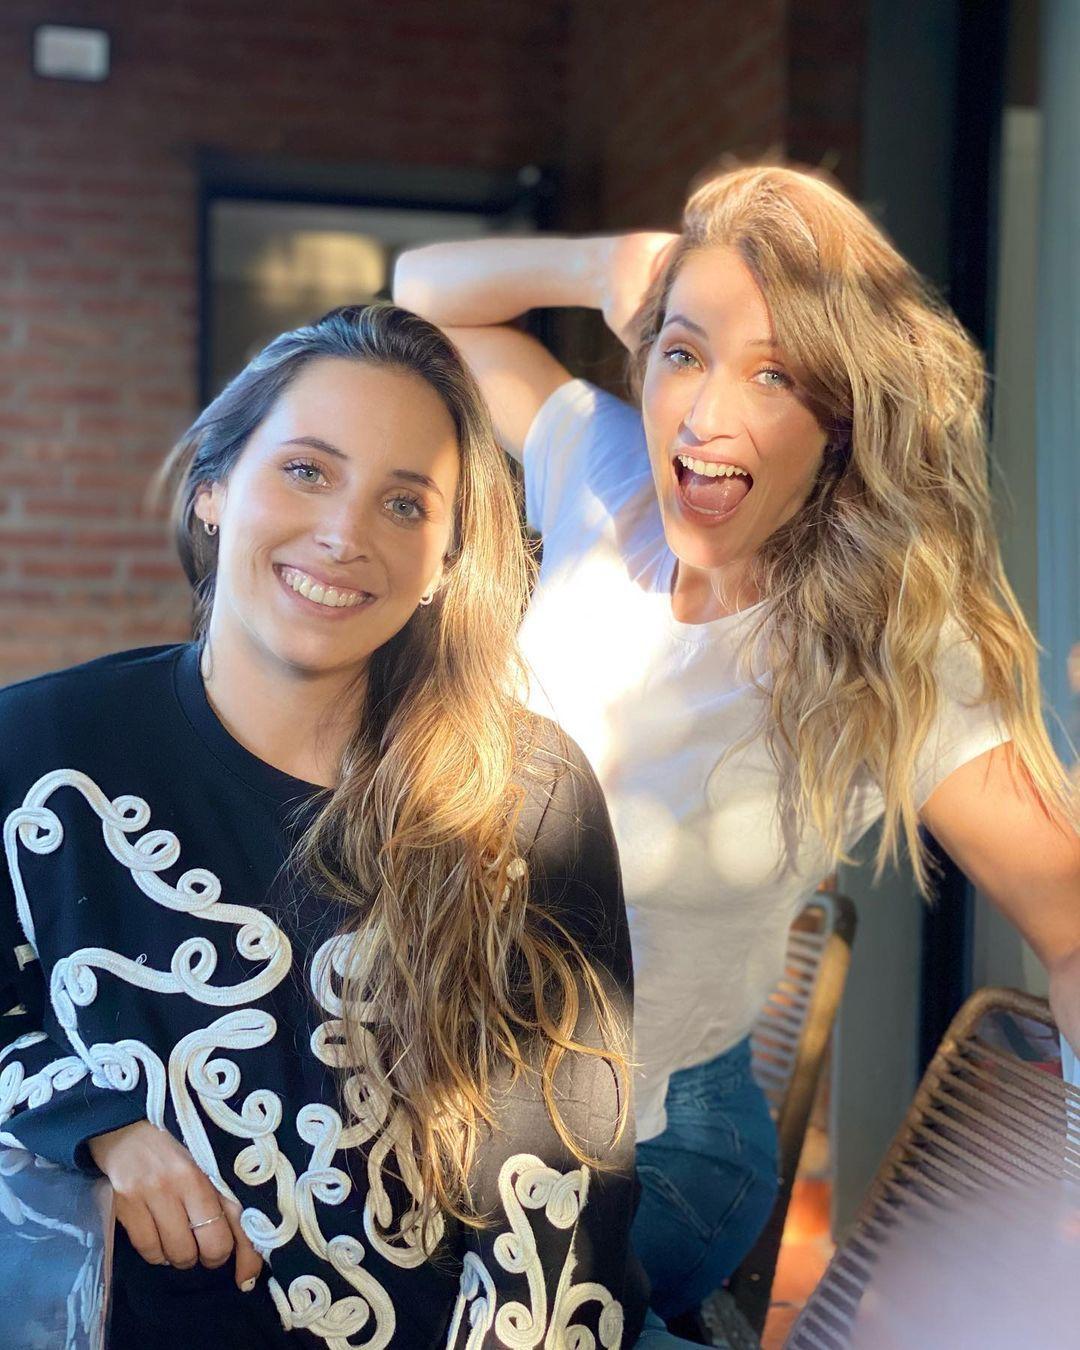 Divertido momento entre Mica Viciconte y su hermana Lara